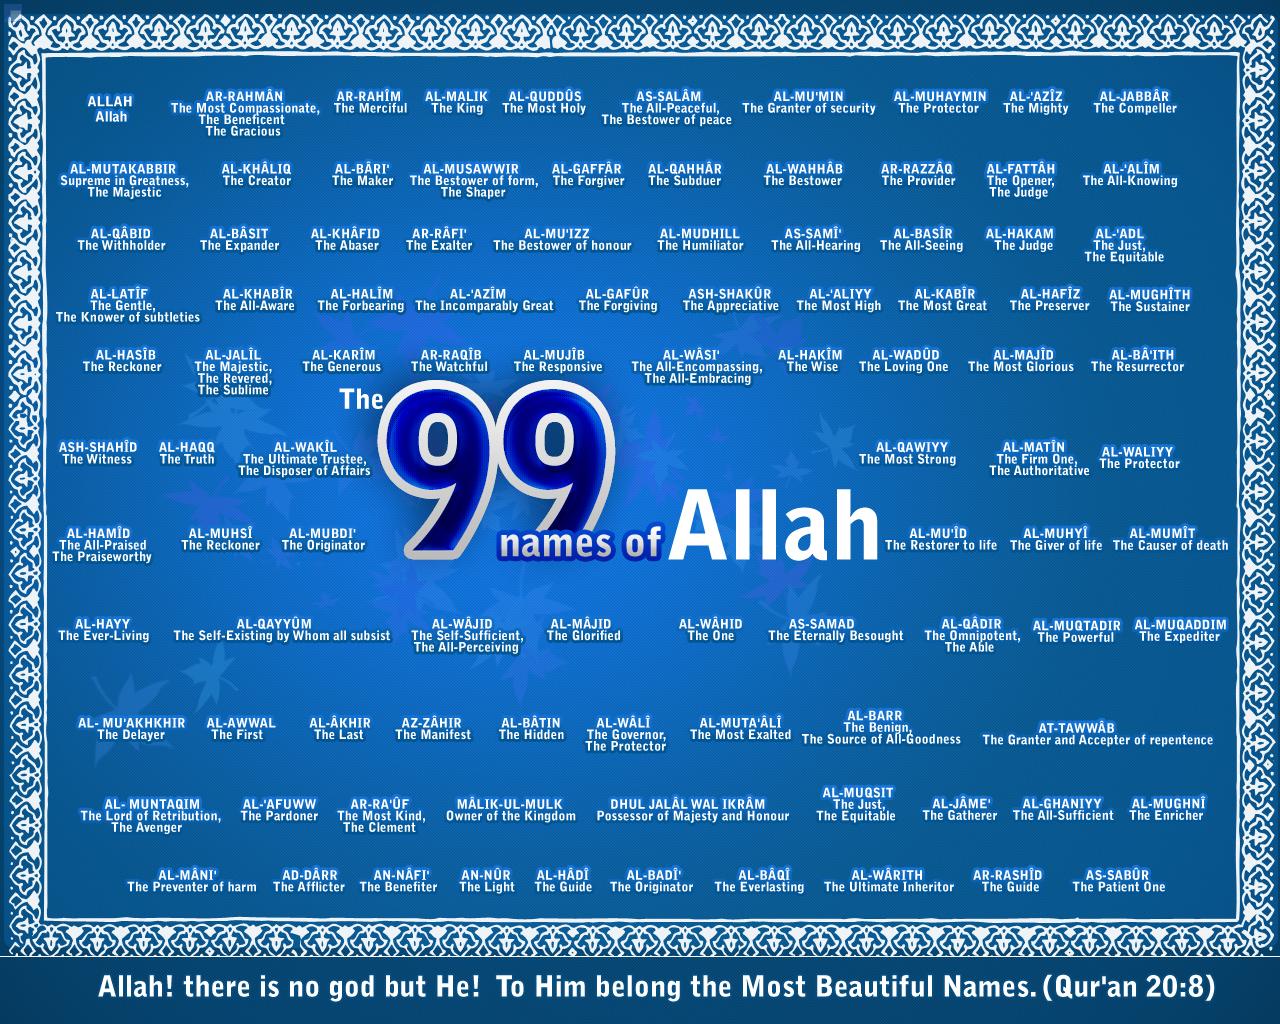 49+] Names of God Wallpaper on WallpaperSafari